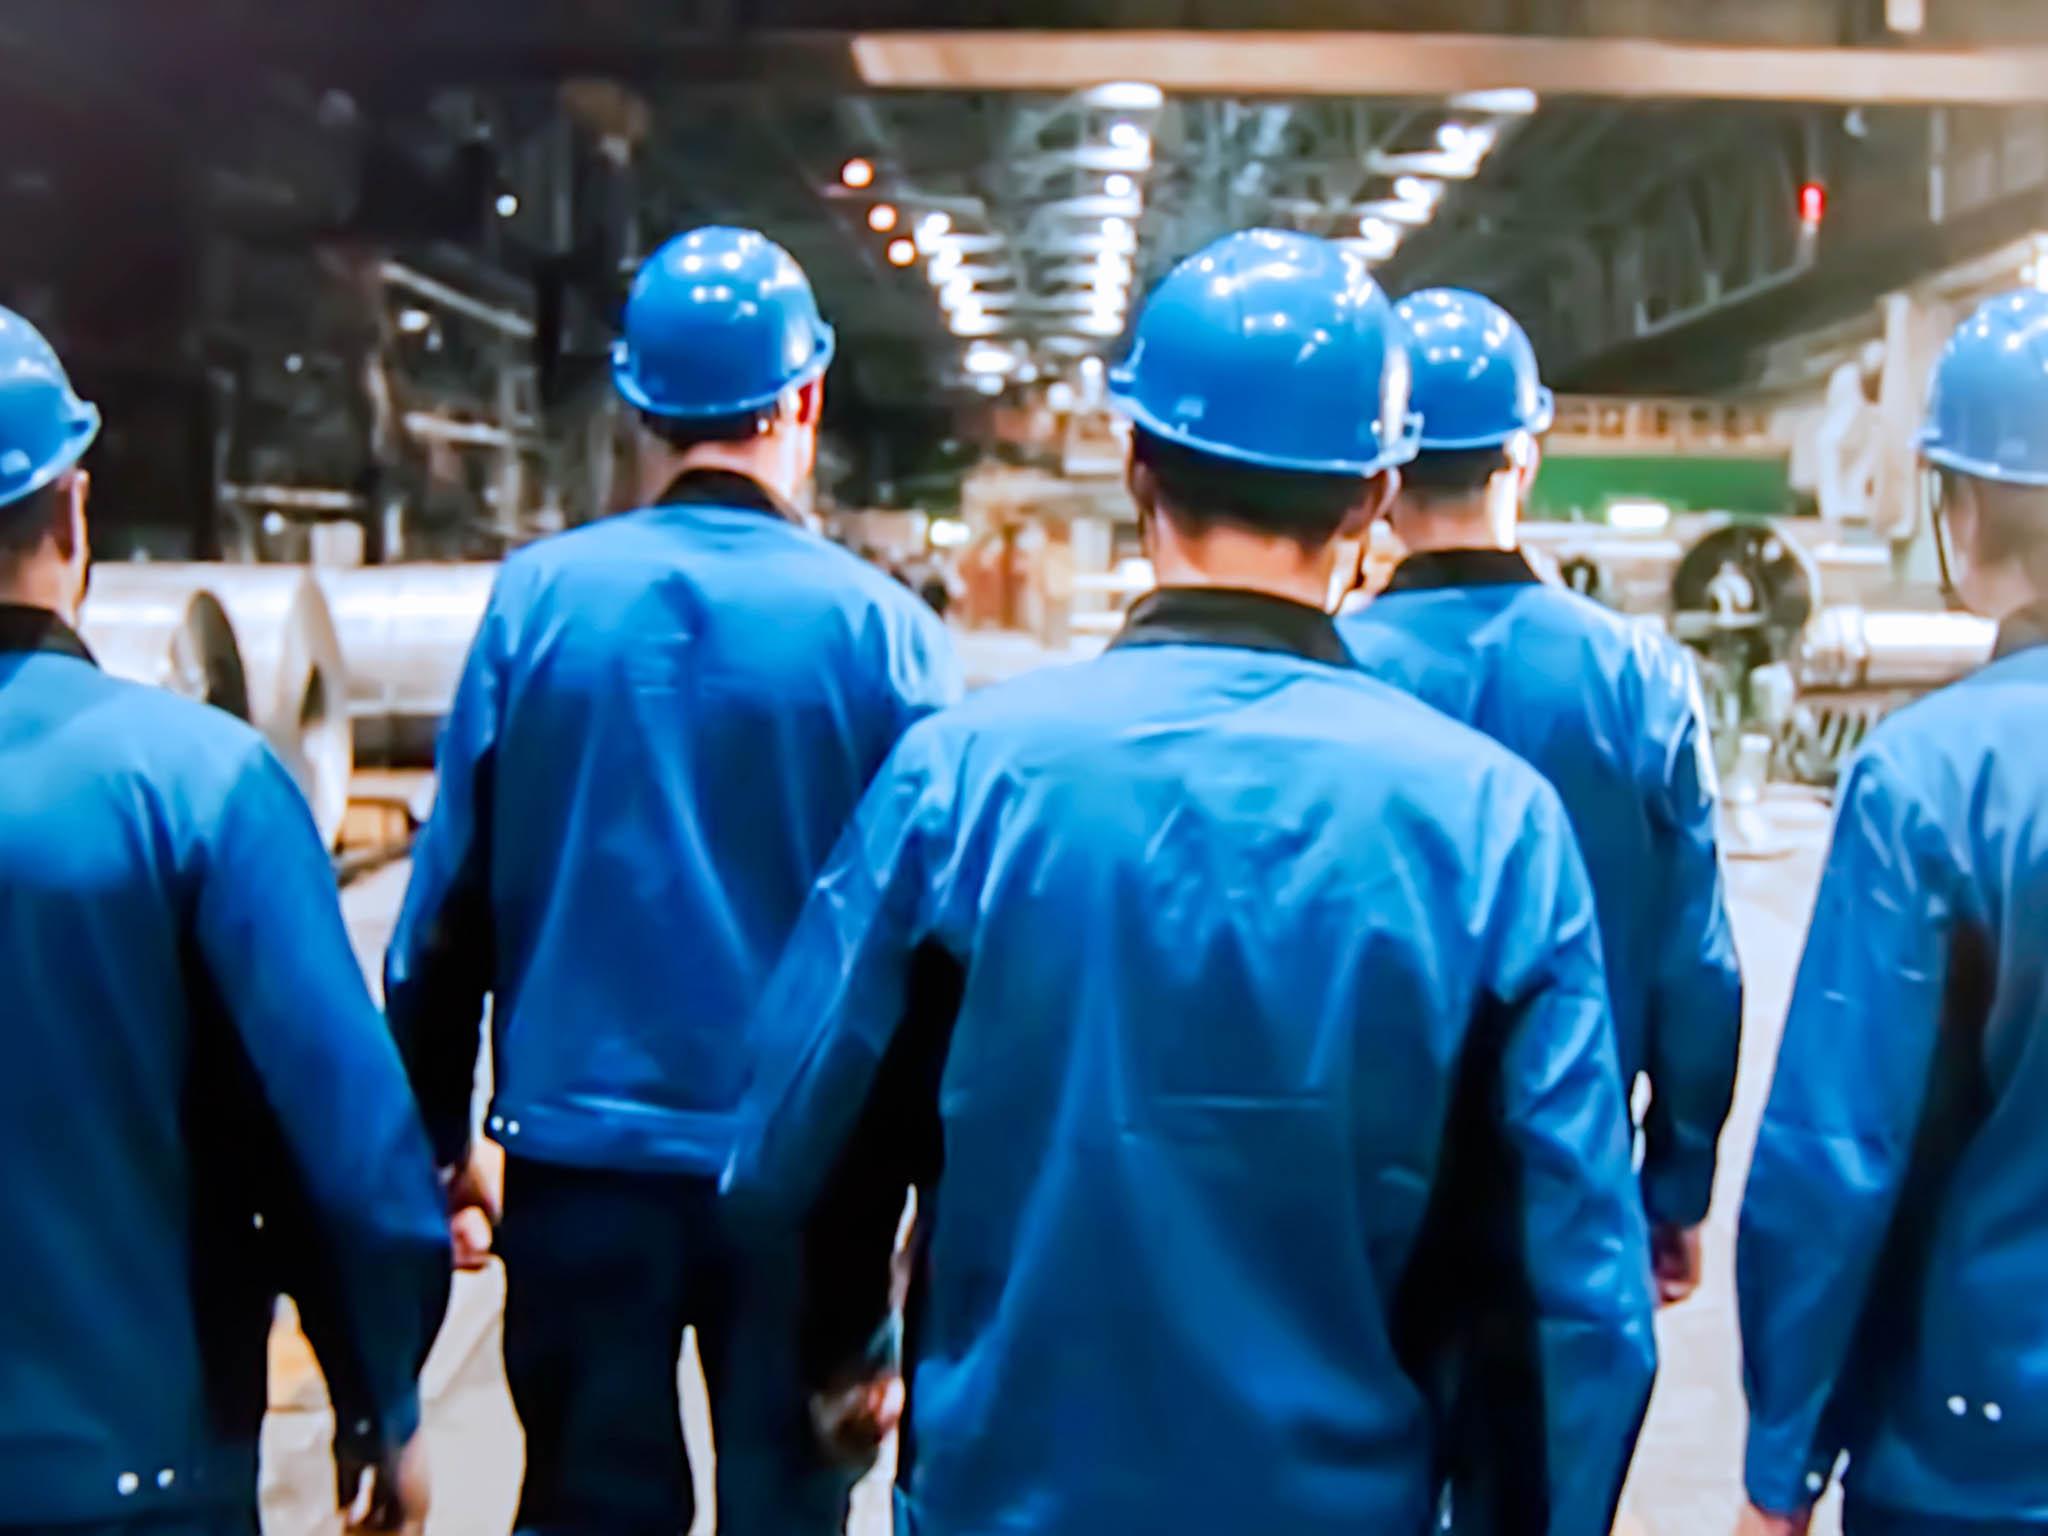 České firmy budou nabírat zaměstnance.